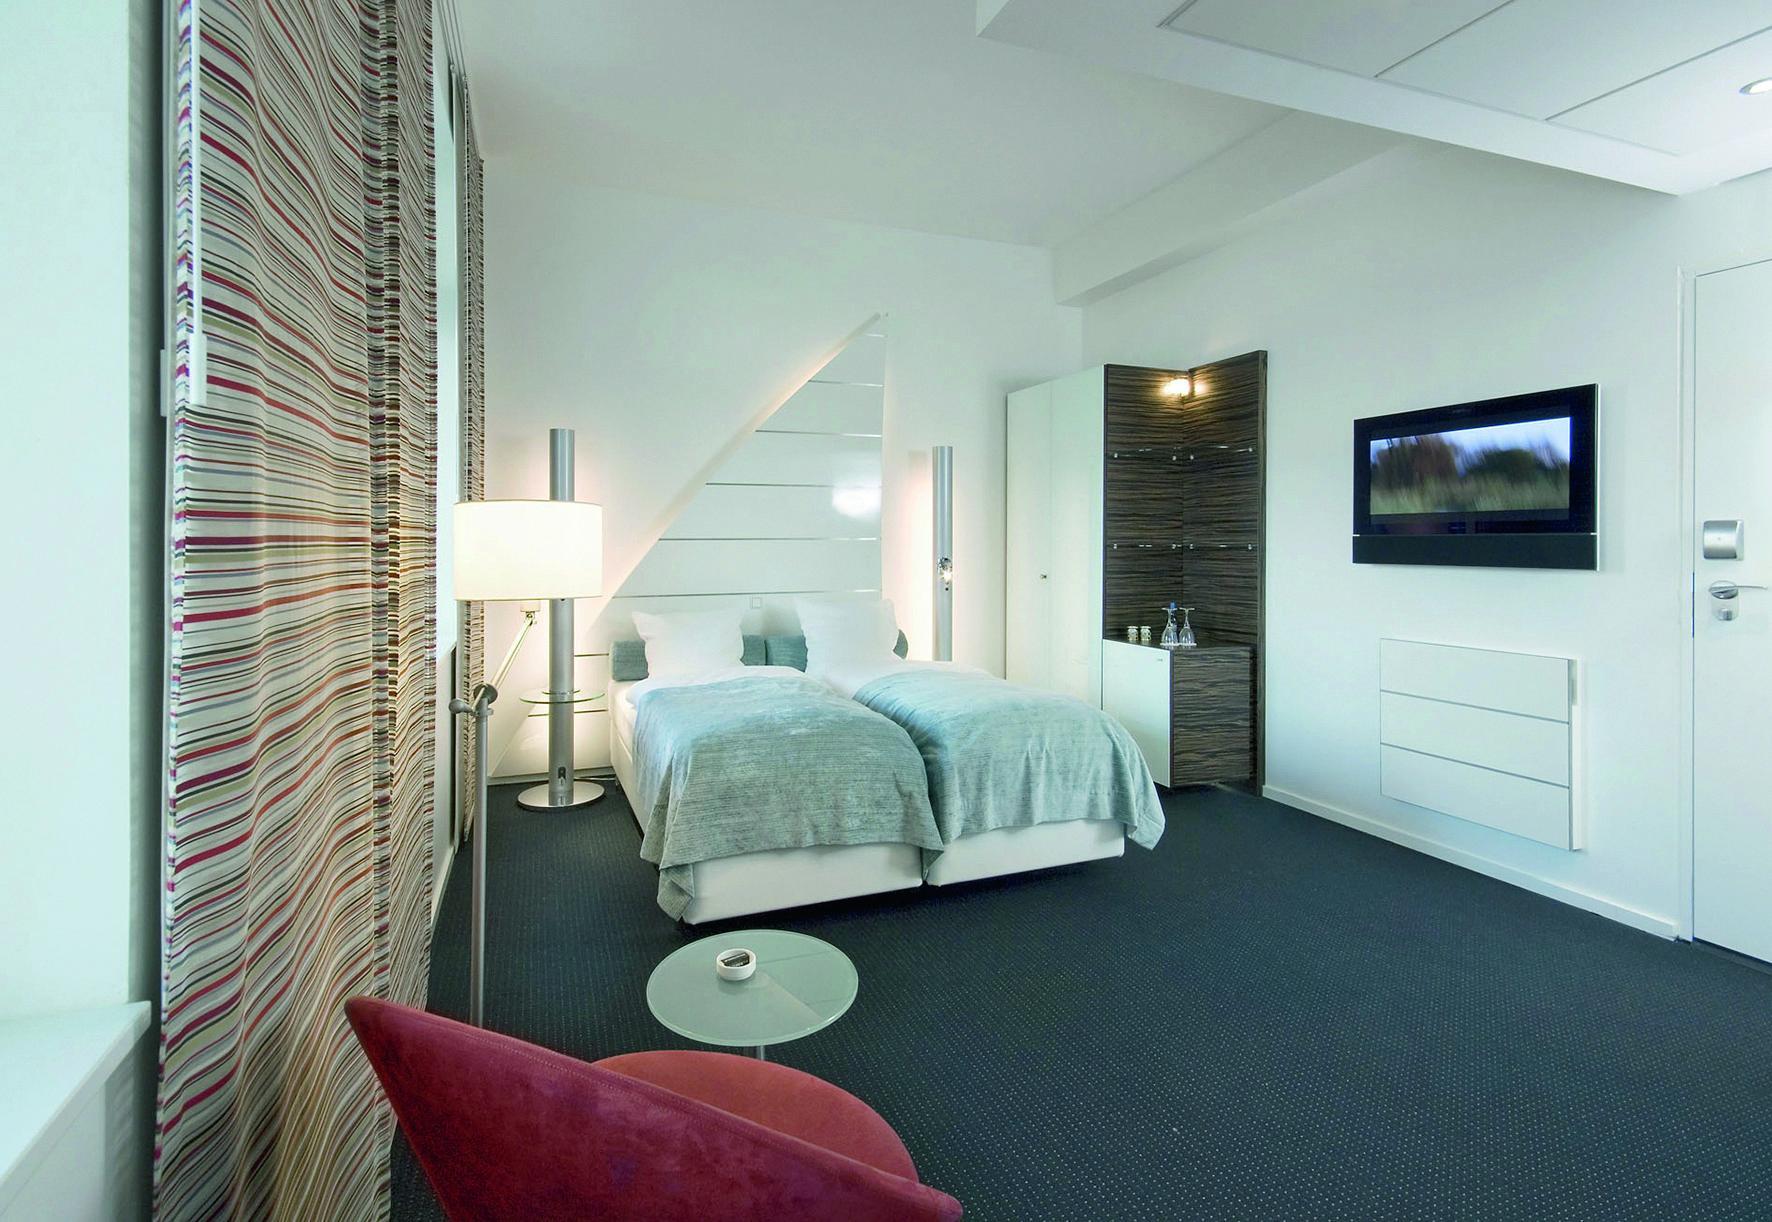 Offre: passez 3 jours à Copenhague en duo pour 259€ avec TUI!